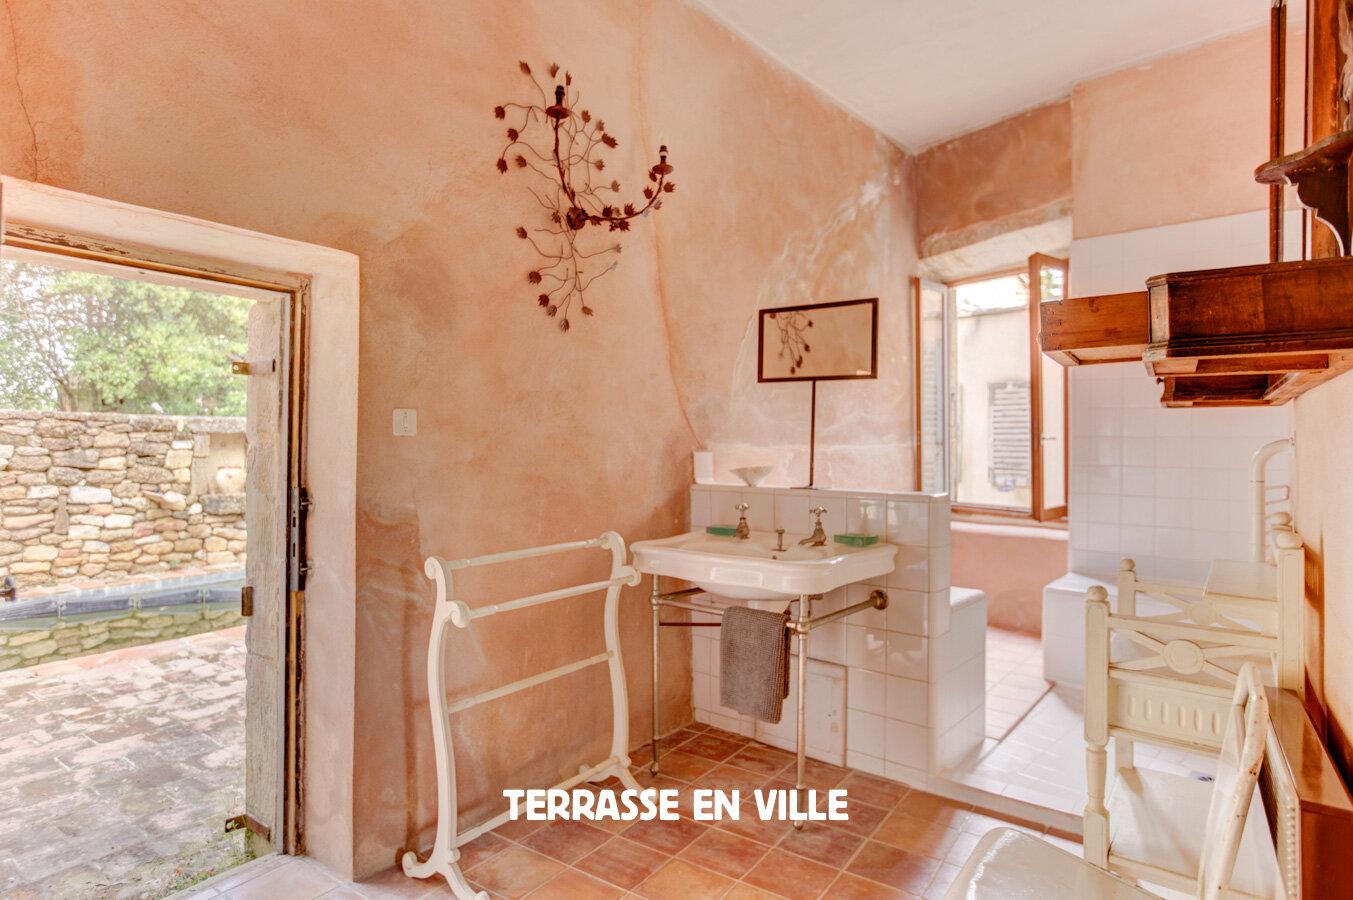 TERRASSE EN VILLE-16.jpg